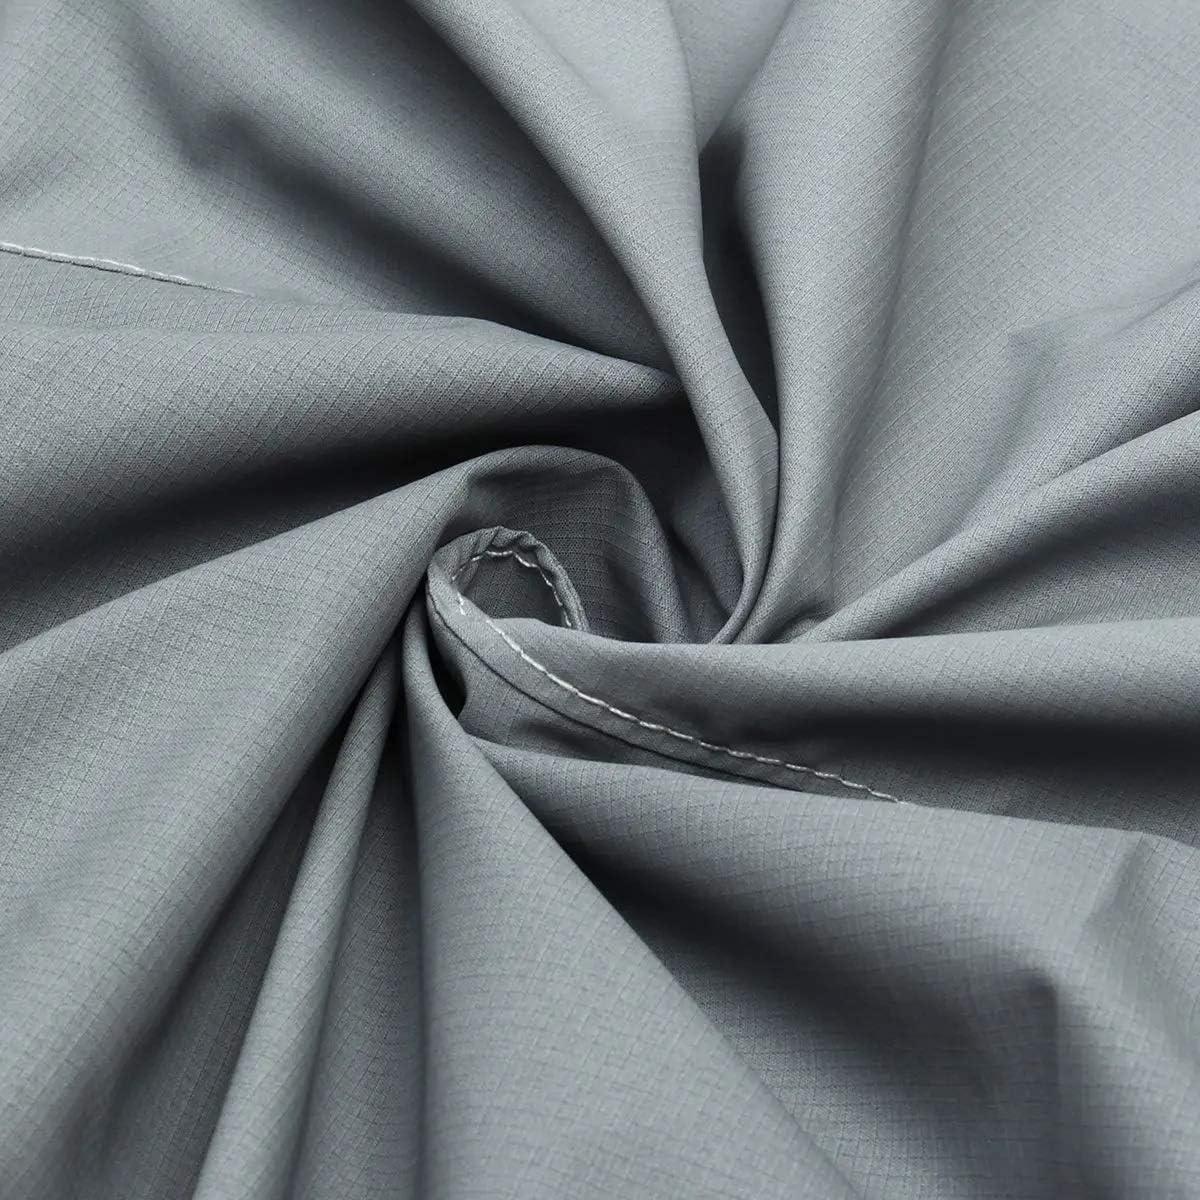 Ripari Moto impermeabili Teli per moto Impermeabile grigio motoslitta Coprimoto intemperie tessuto 110x 51 x 48inch Copertura del motociclo universale